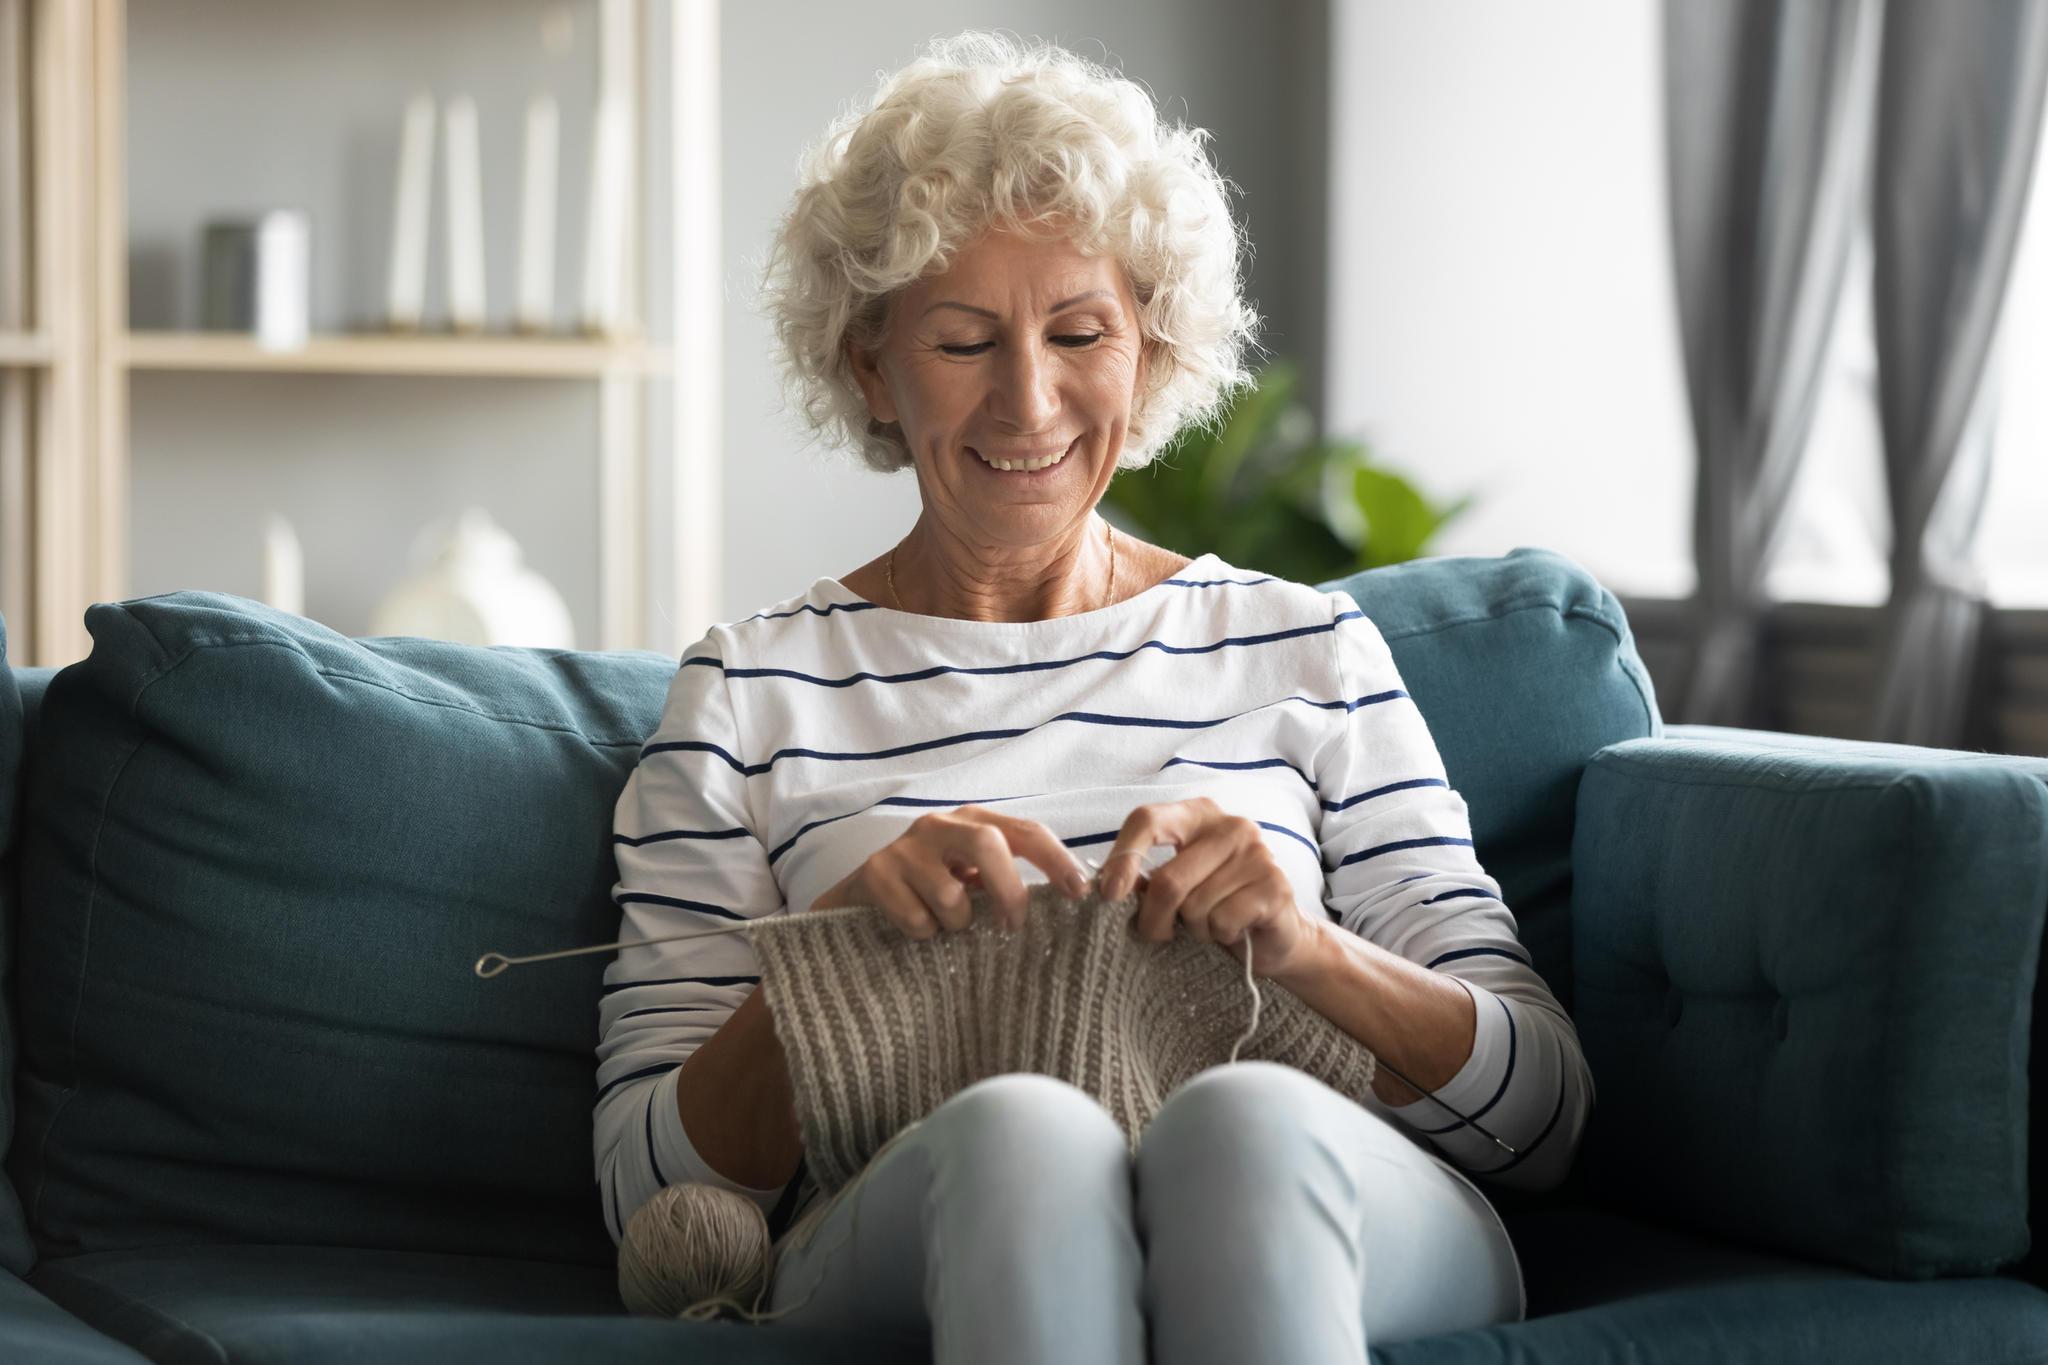 Freizeitbeschäftigung für Senioren, Handarbeit, Häkeln, Oma